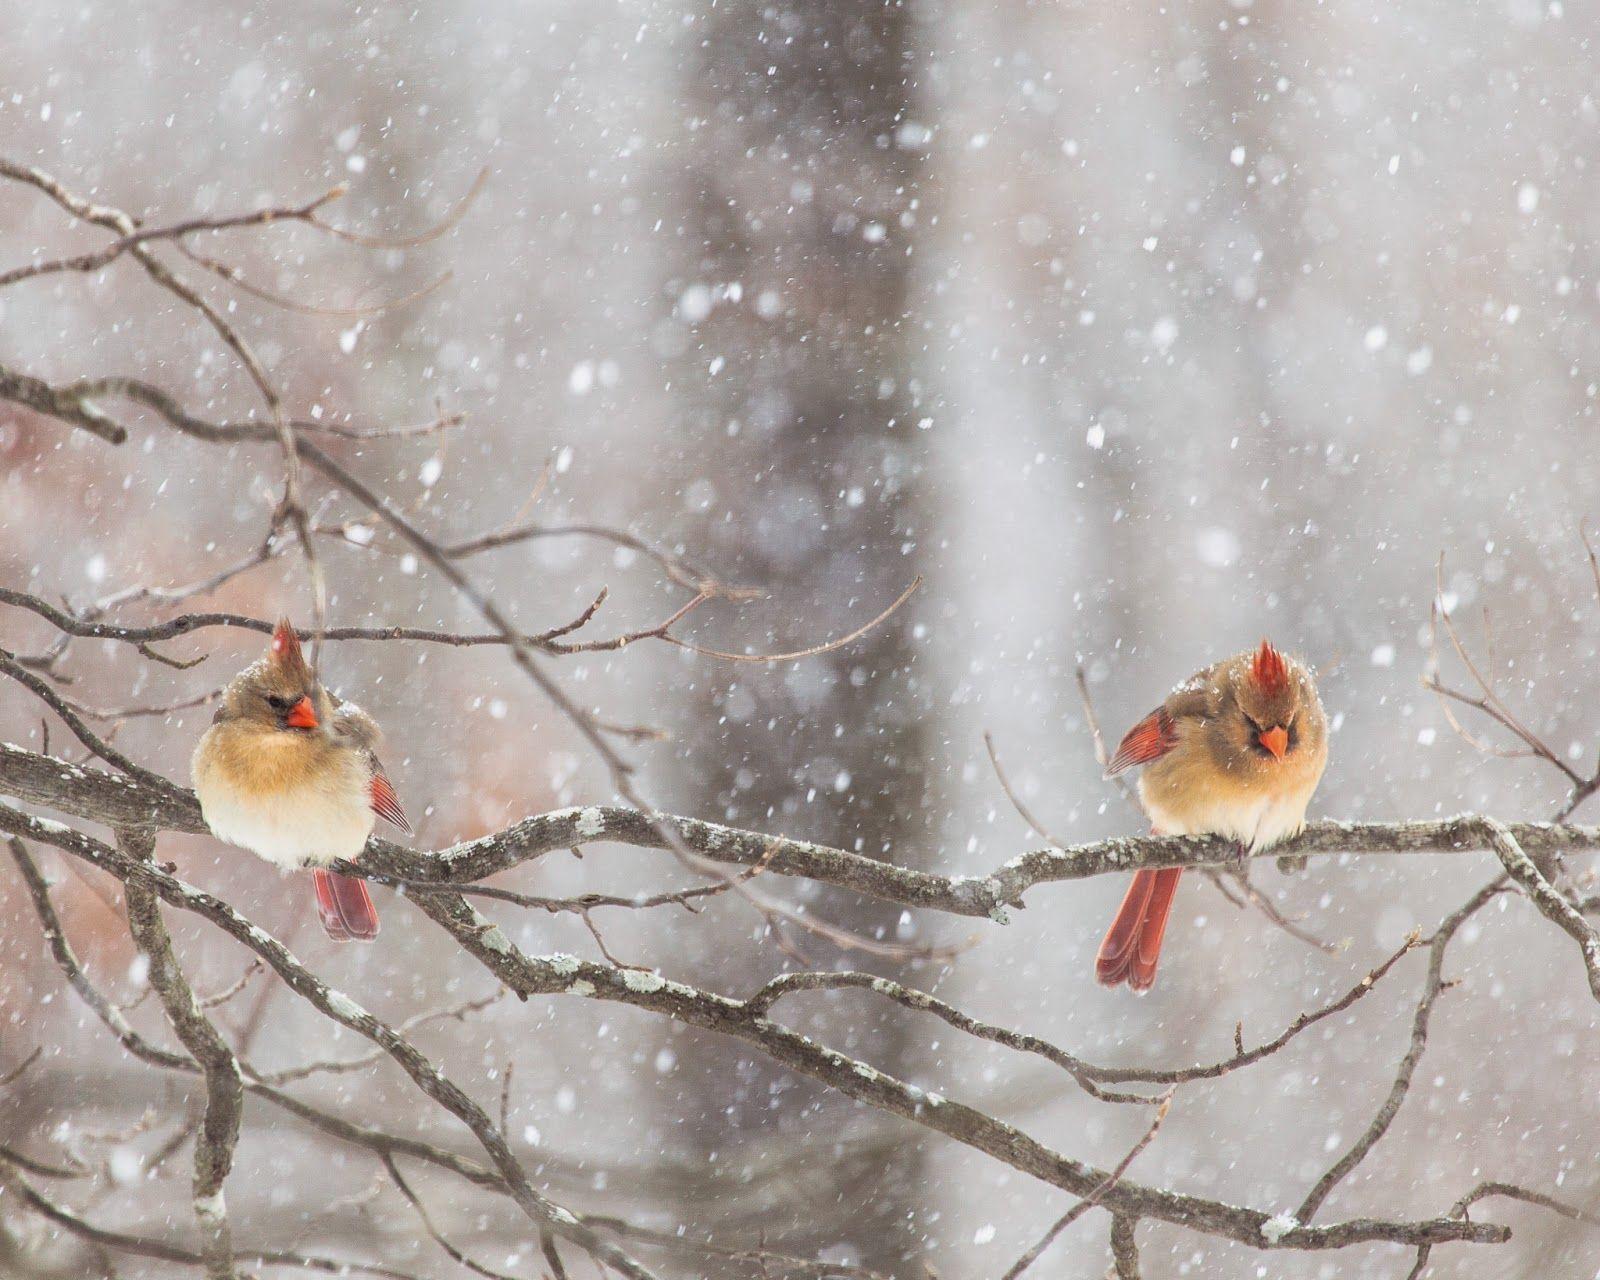 التصوير الفوتوغرافي الرائع للطبيعة الساحرة Hd مداد الجليد Photo Snow Day National Geographic